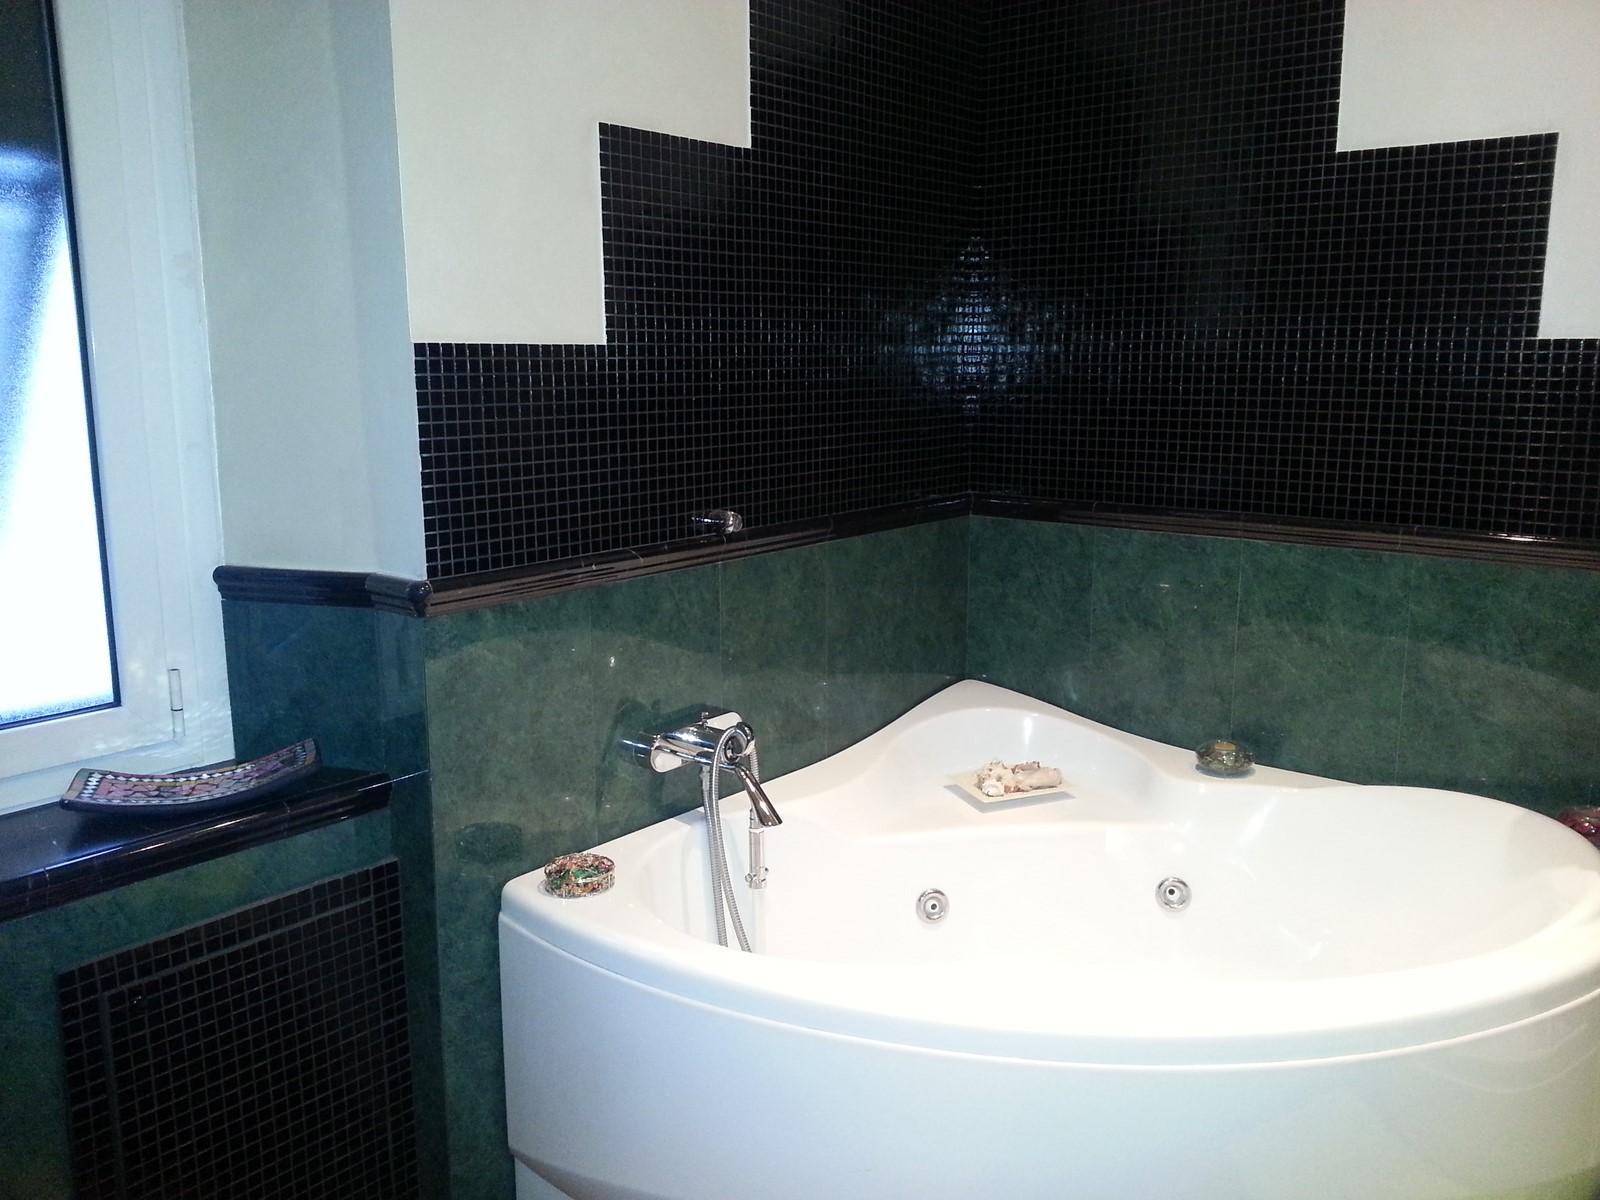 Bagno Con Mosaico Nero : Bagno con rivestimento in marmo verde alpi e mosaico in vetro nero